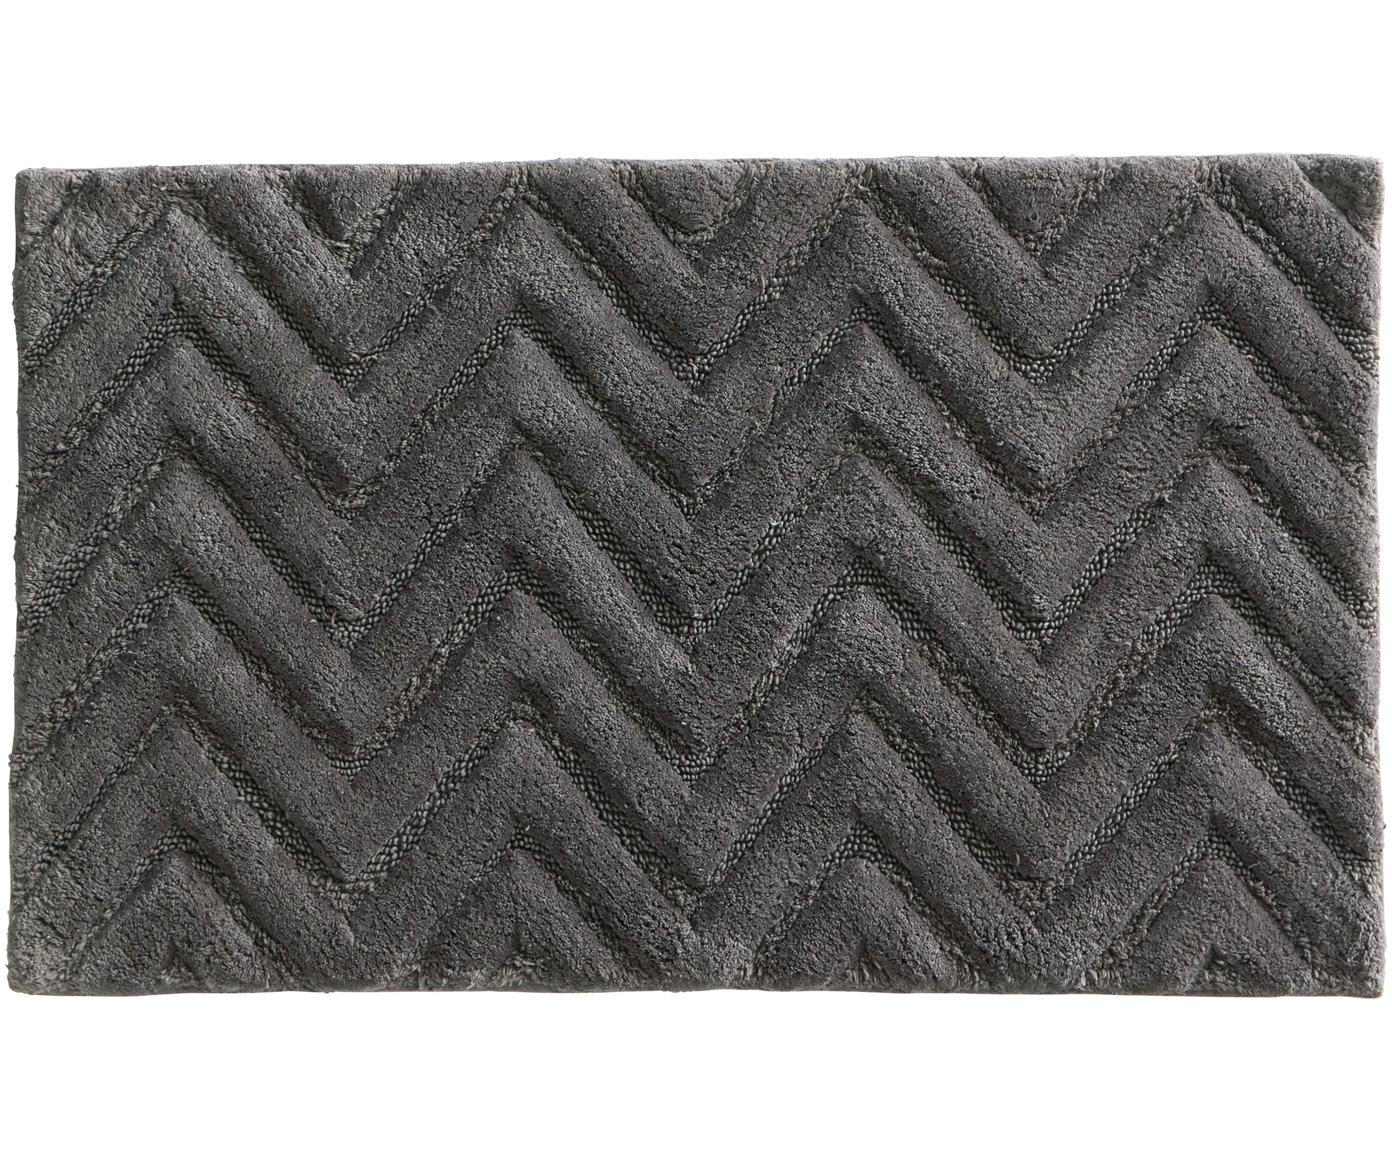 Dywanik łazienkowy Arild, Bawełna, Ciemny szary, S 50 x D 80 cm